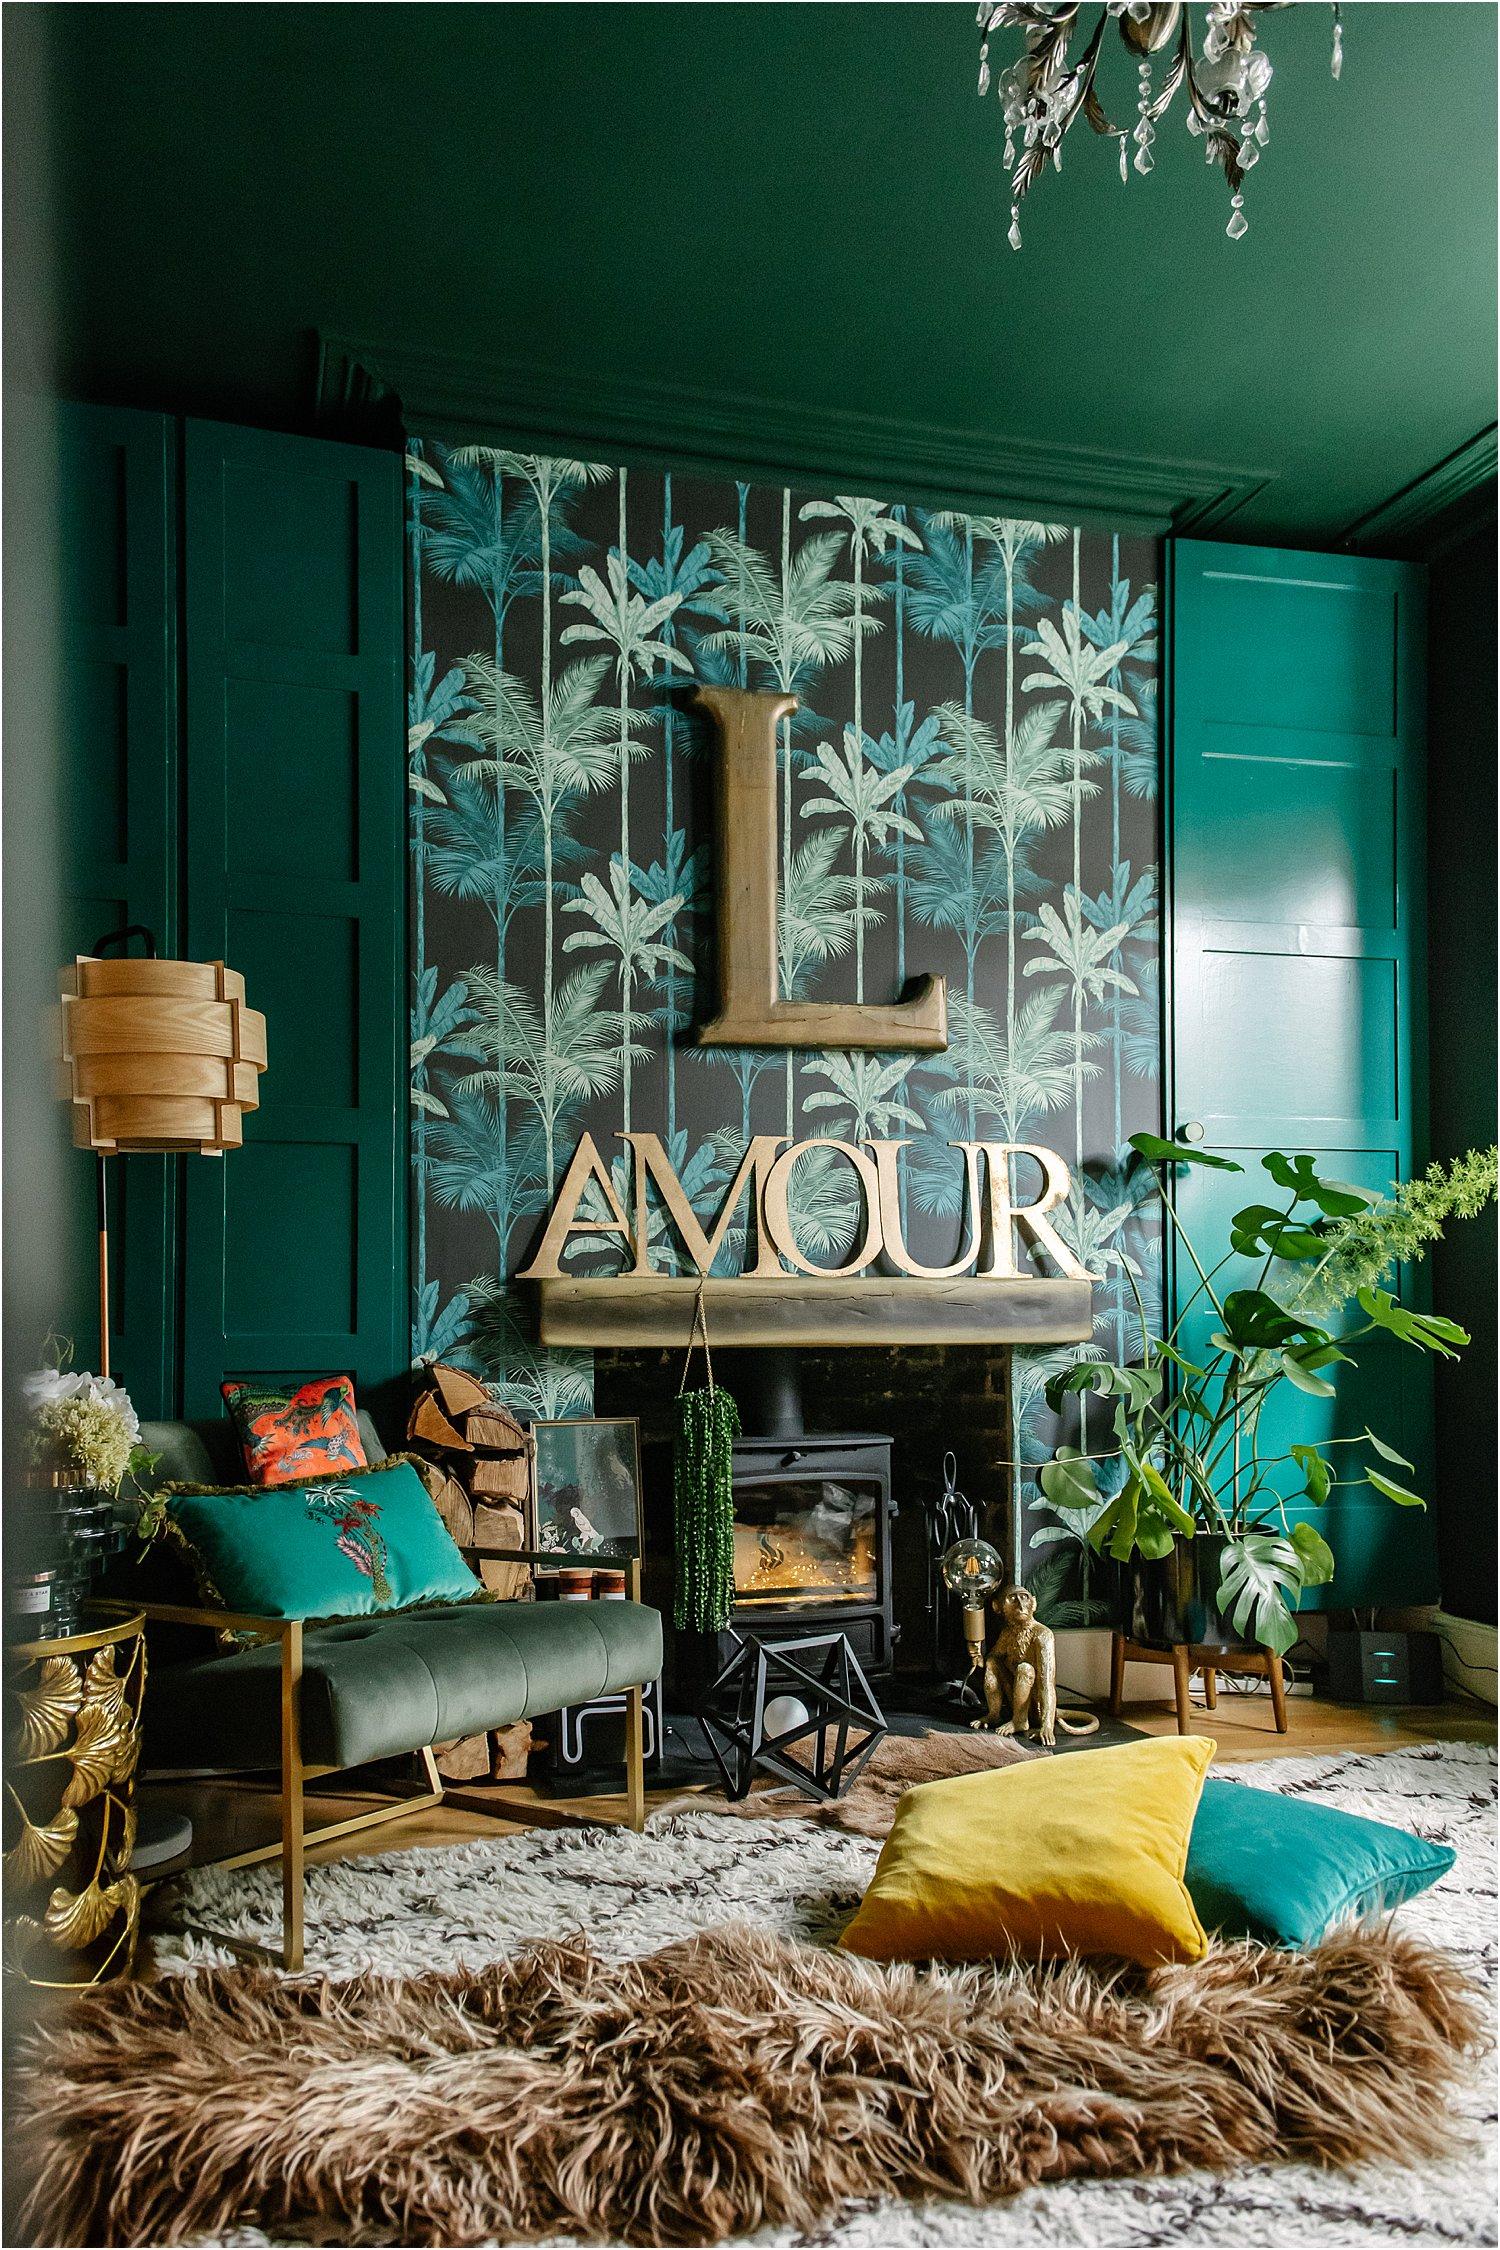 dark-floral-jungle-interiors-graham-brown-wallpaper-paint